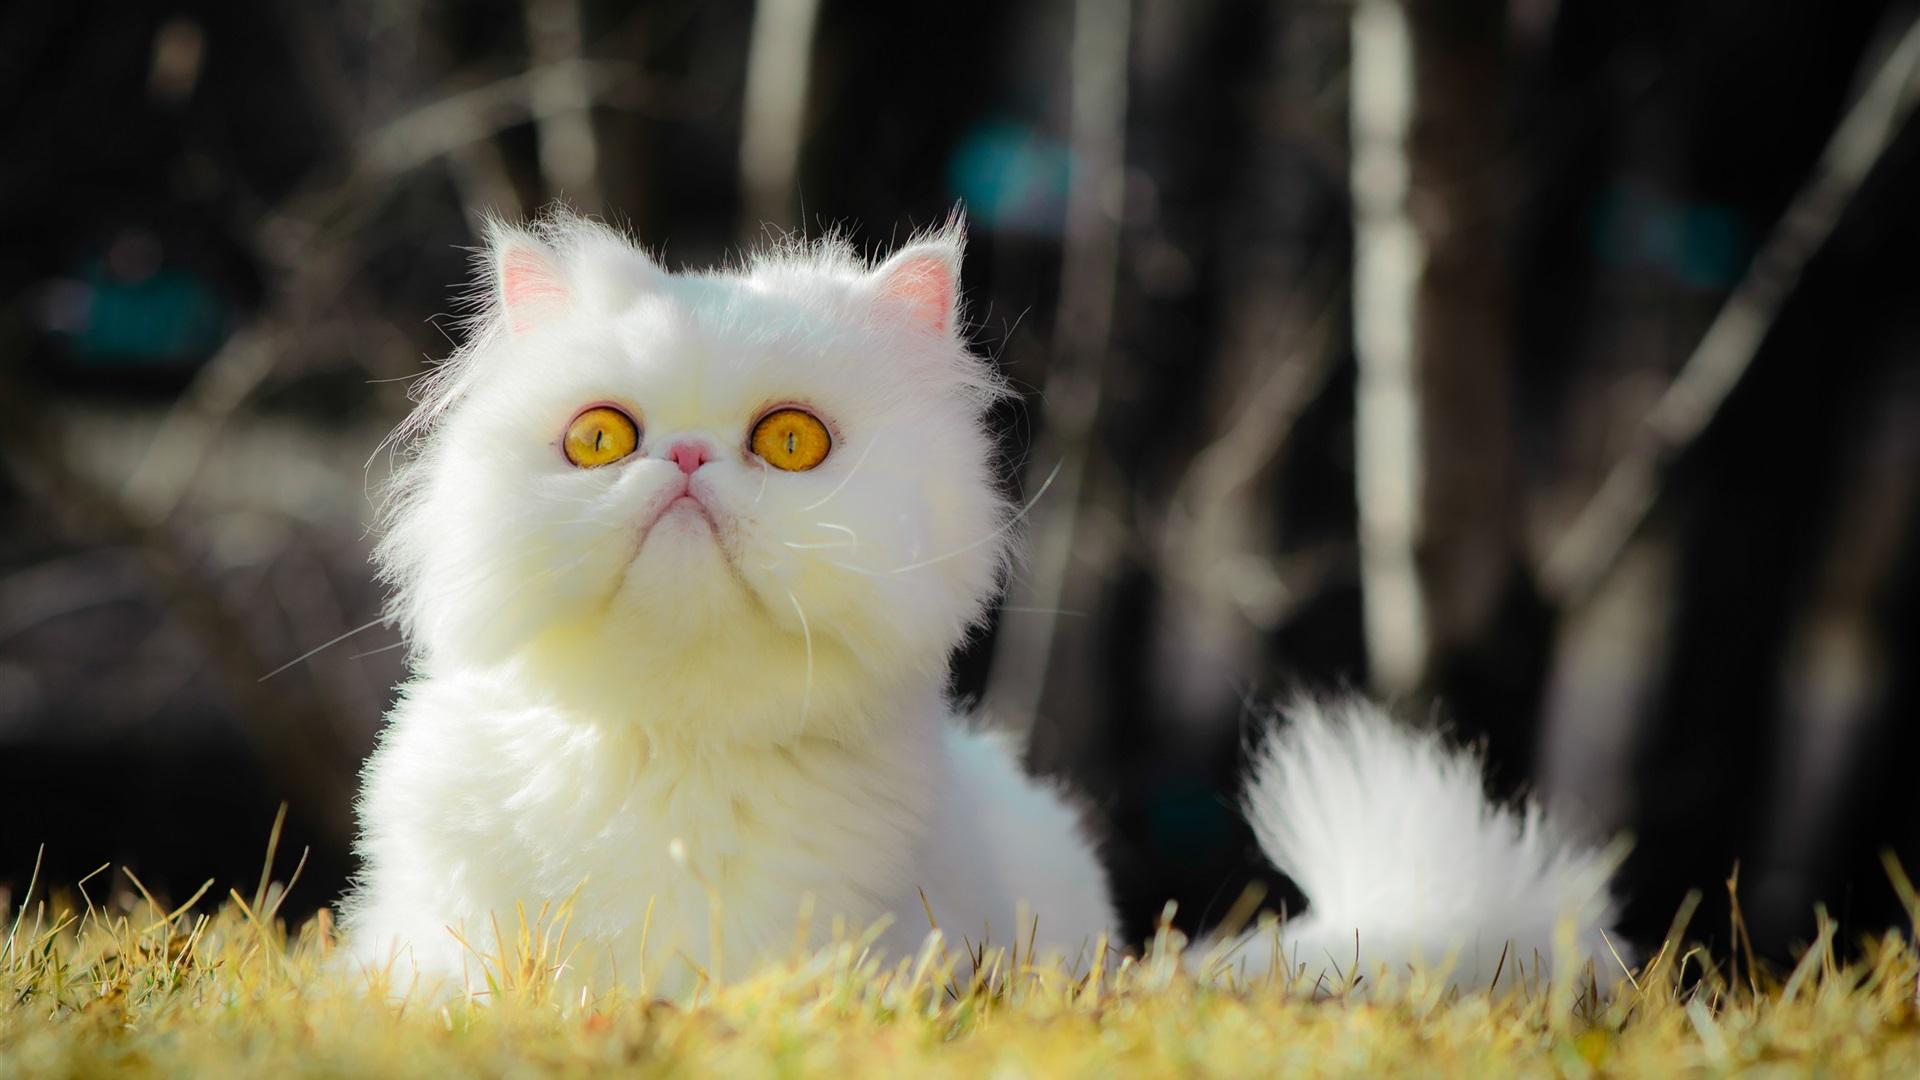 白色的毛茸茸的猫,黄色的眼睛,草 壁纸 - 1920x1080